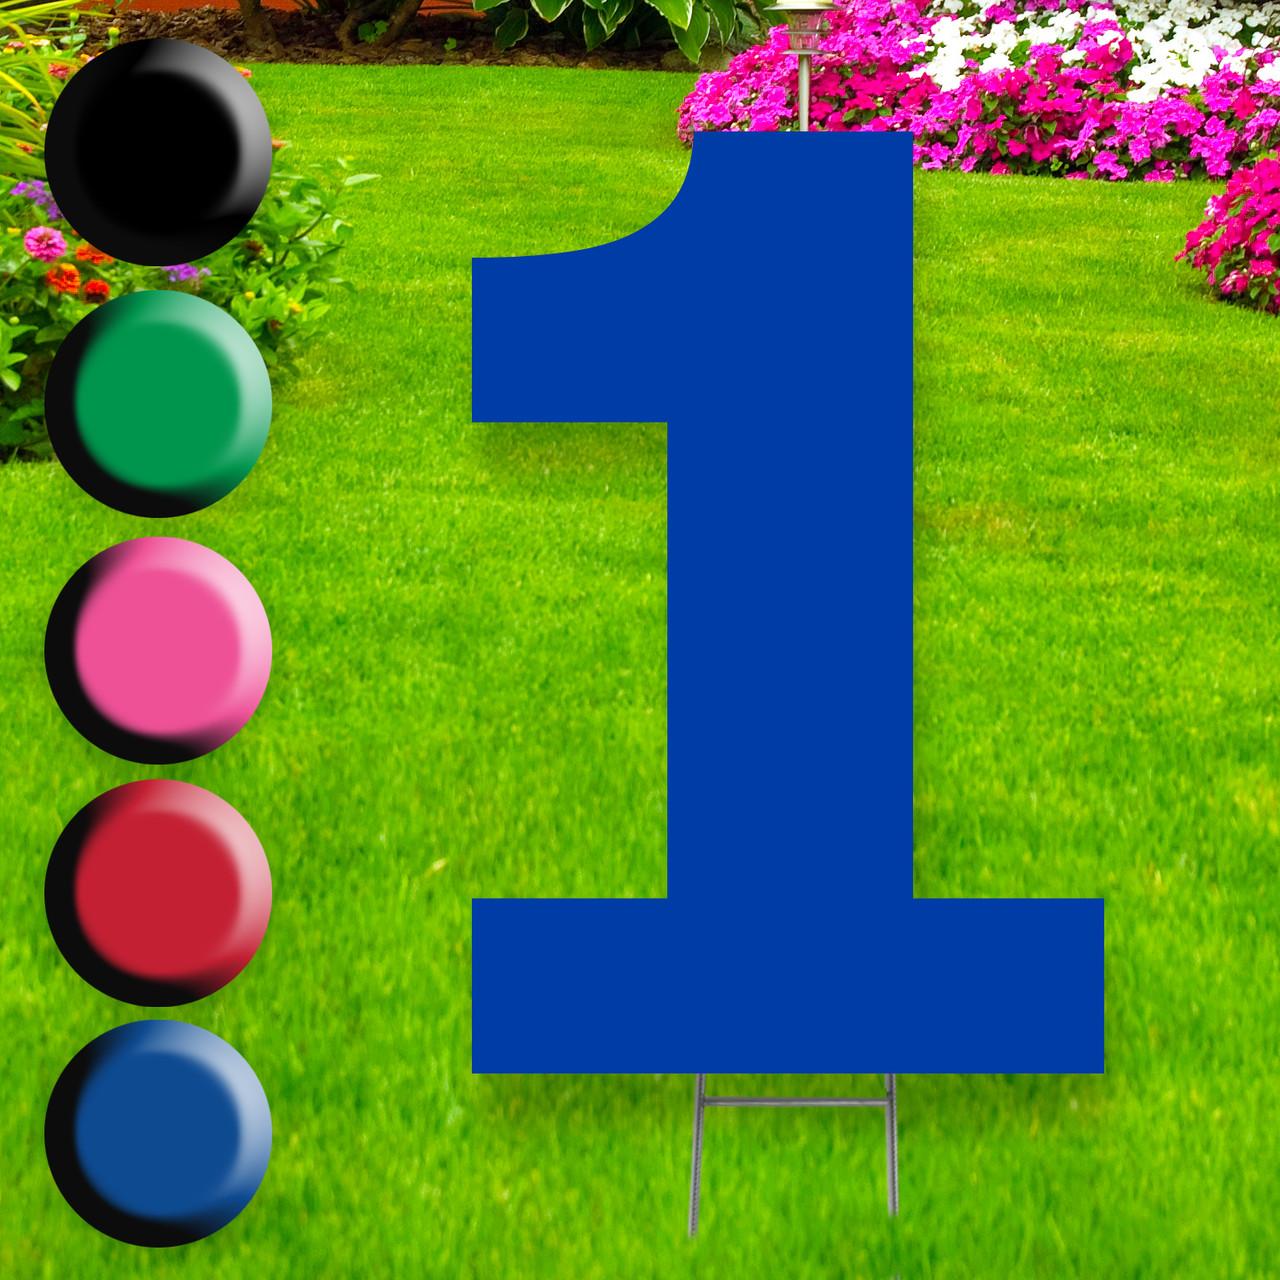 Number 1 yard sign